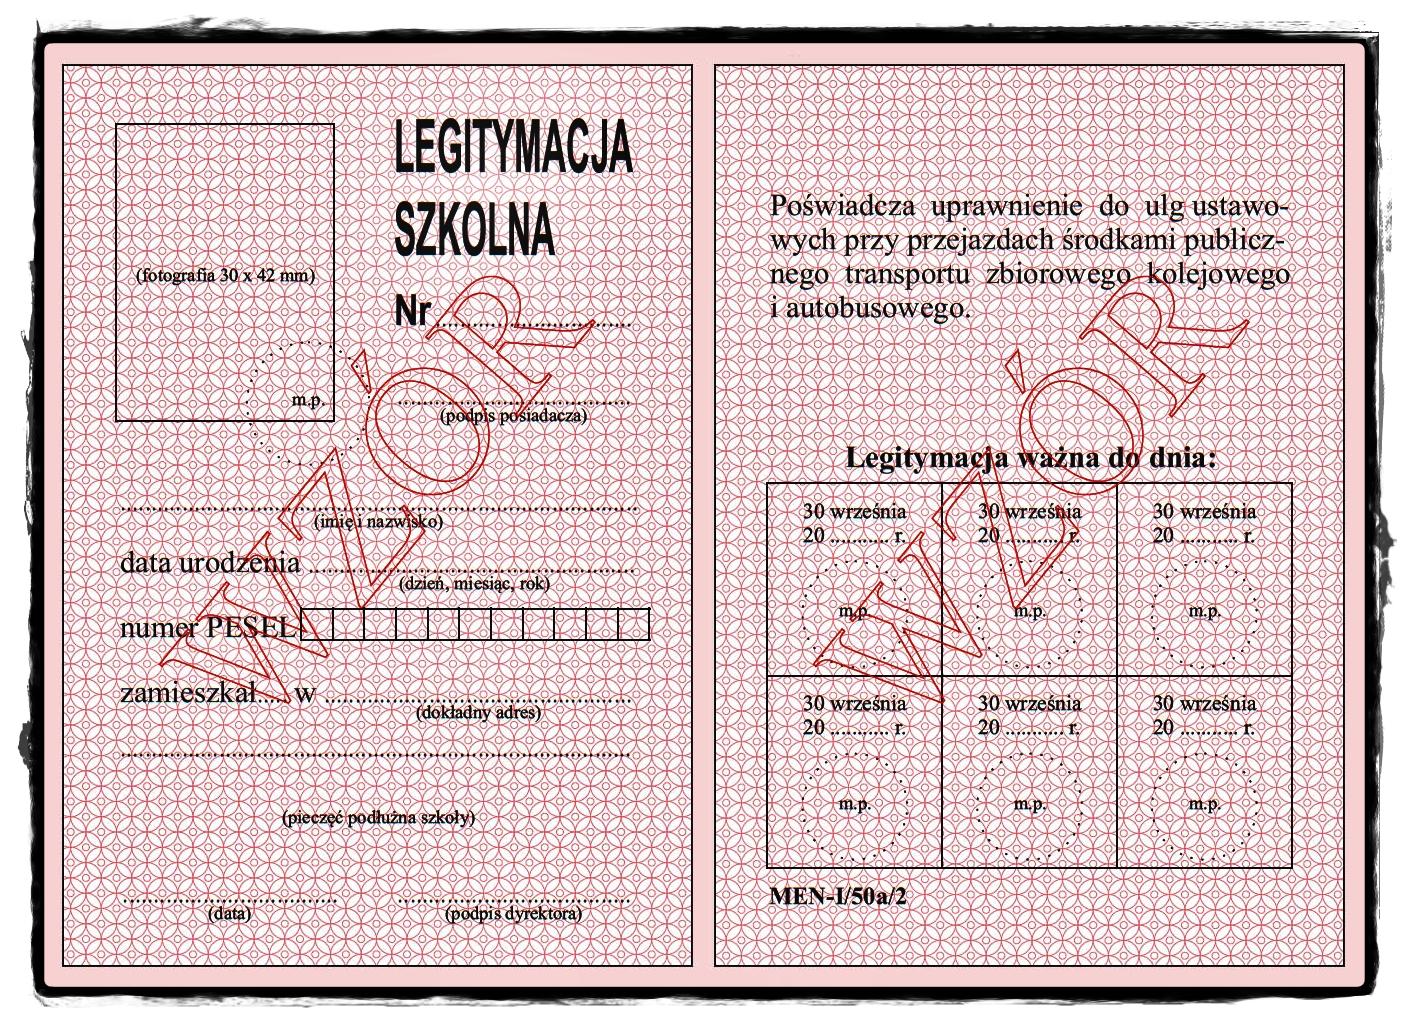 Zasady wydawania legitymacji szkolnych